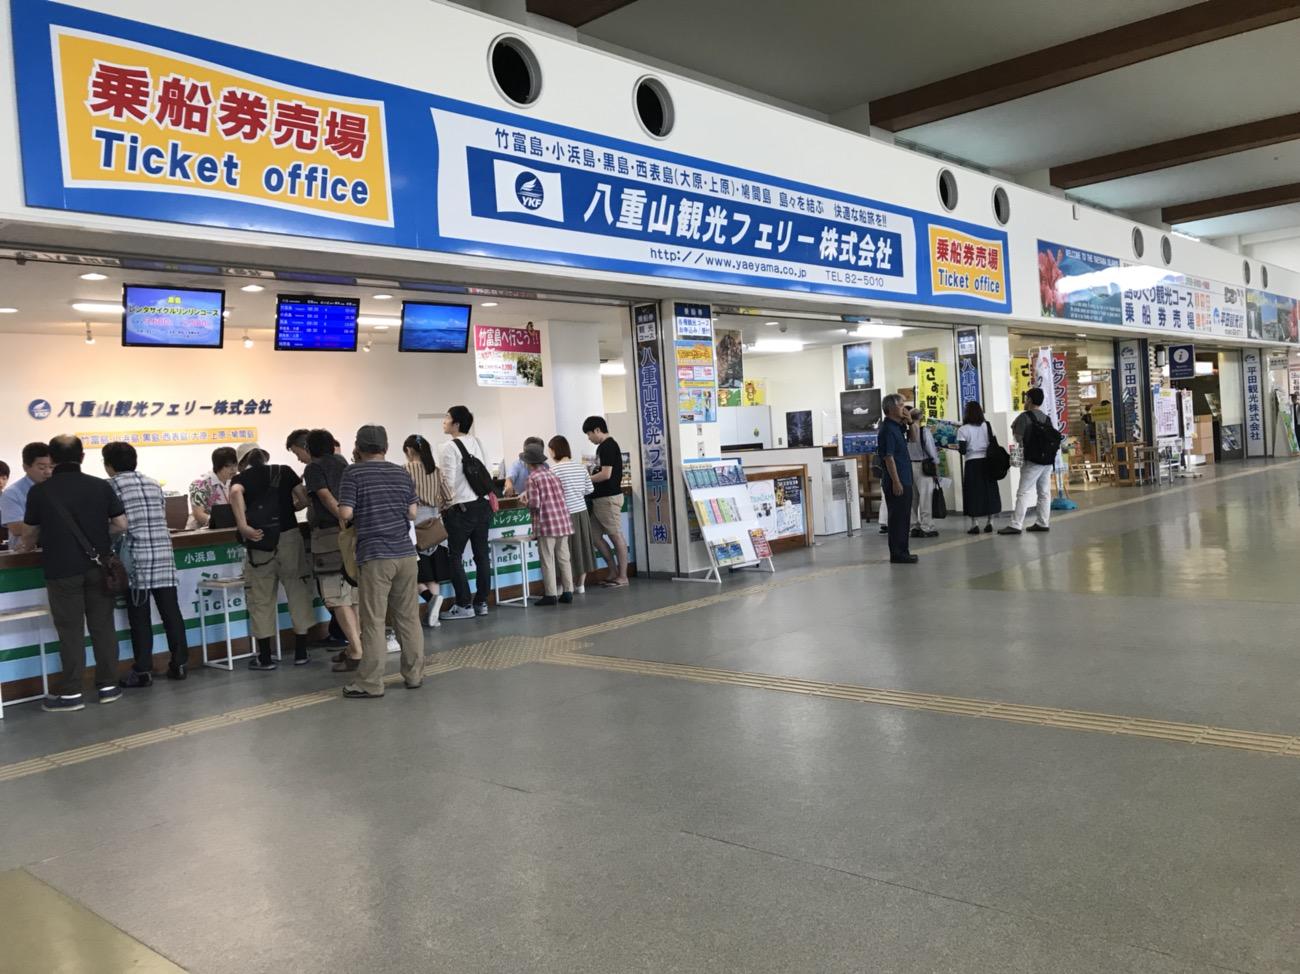 割引チケットもある石垣港離島ターミナル